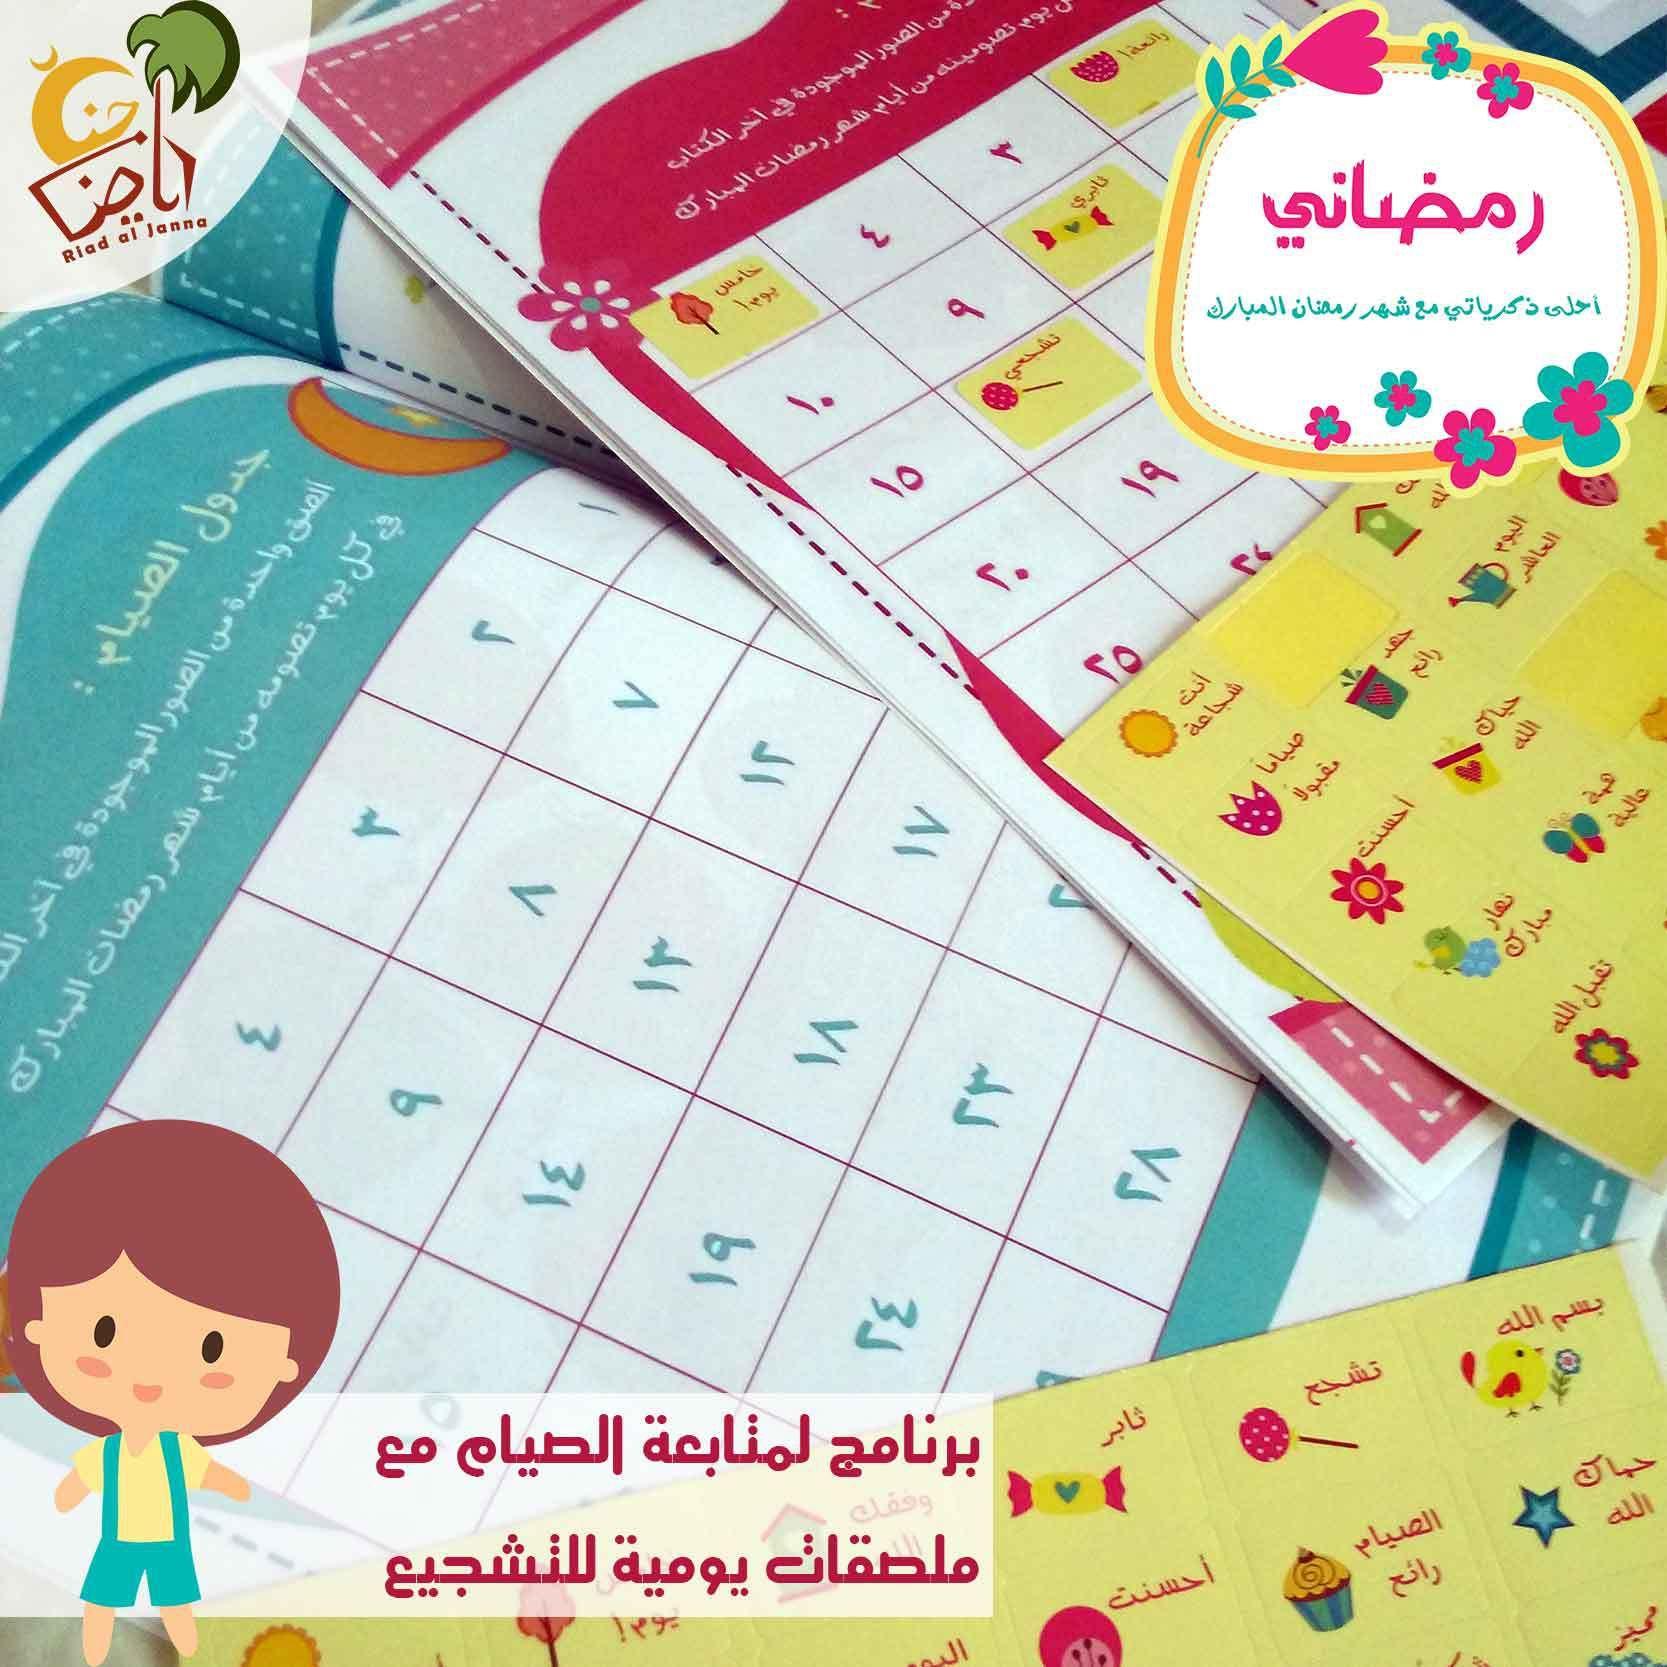 كتاب رمضاني كتاب فقه الصيام للأطفال لعمر 7 سنوات فما فوق يرافق طفلك طيلة أيام شهر رمضان المبارك نشاطات ممتعة و مسل Learning Resources Learning Map